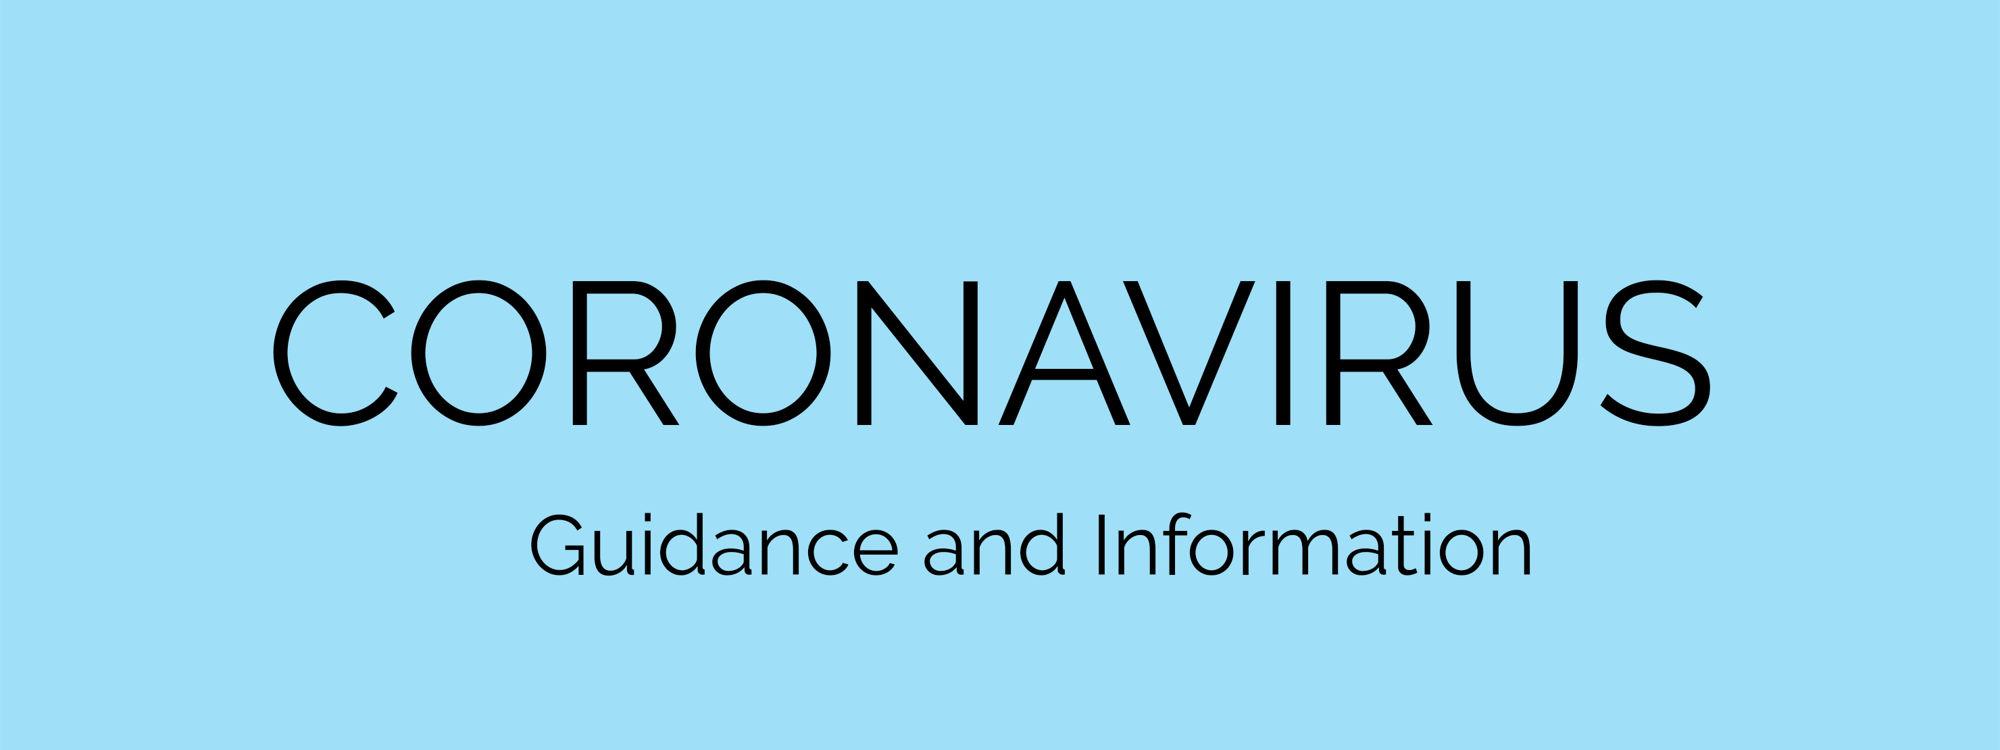 Cv19 website